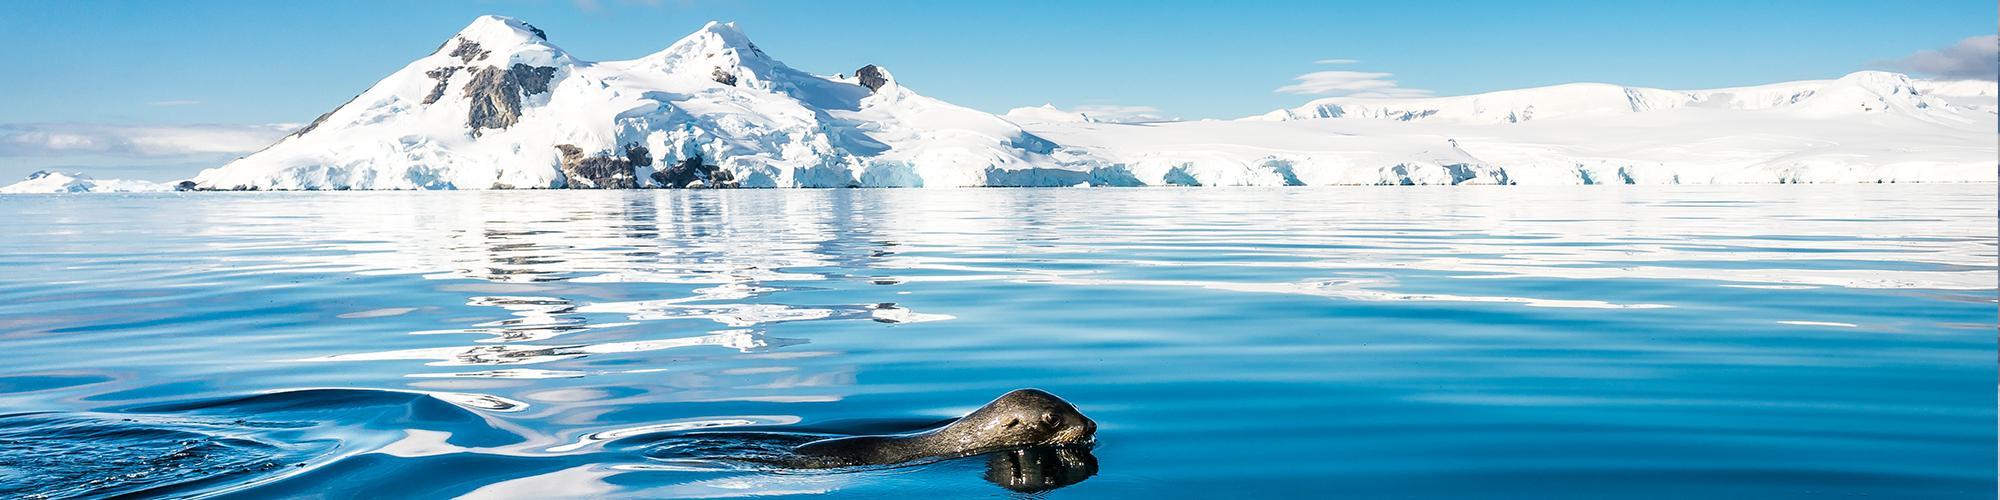 Antártida - El eclipse solar 2021  - El País Viajes